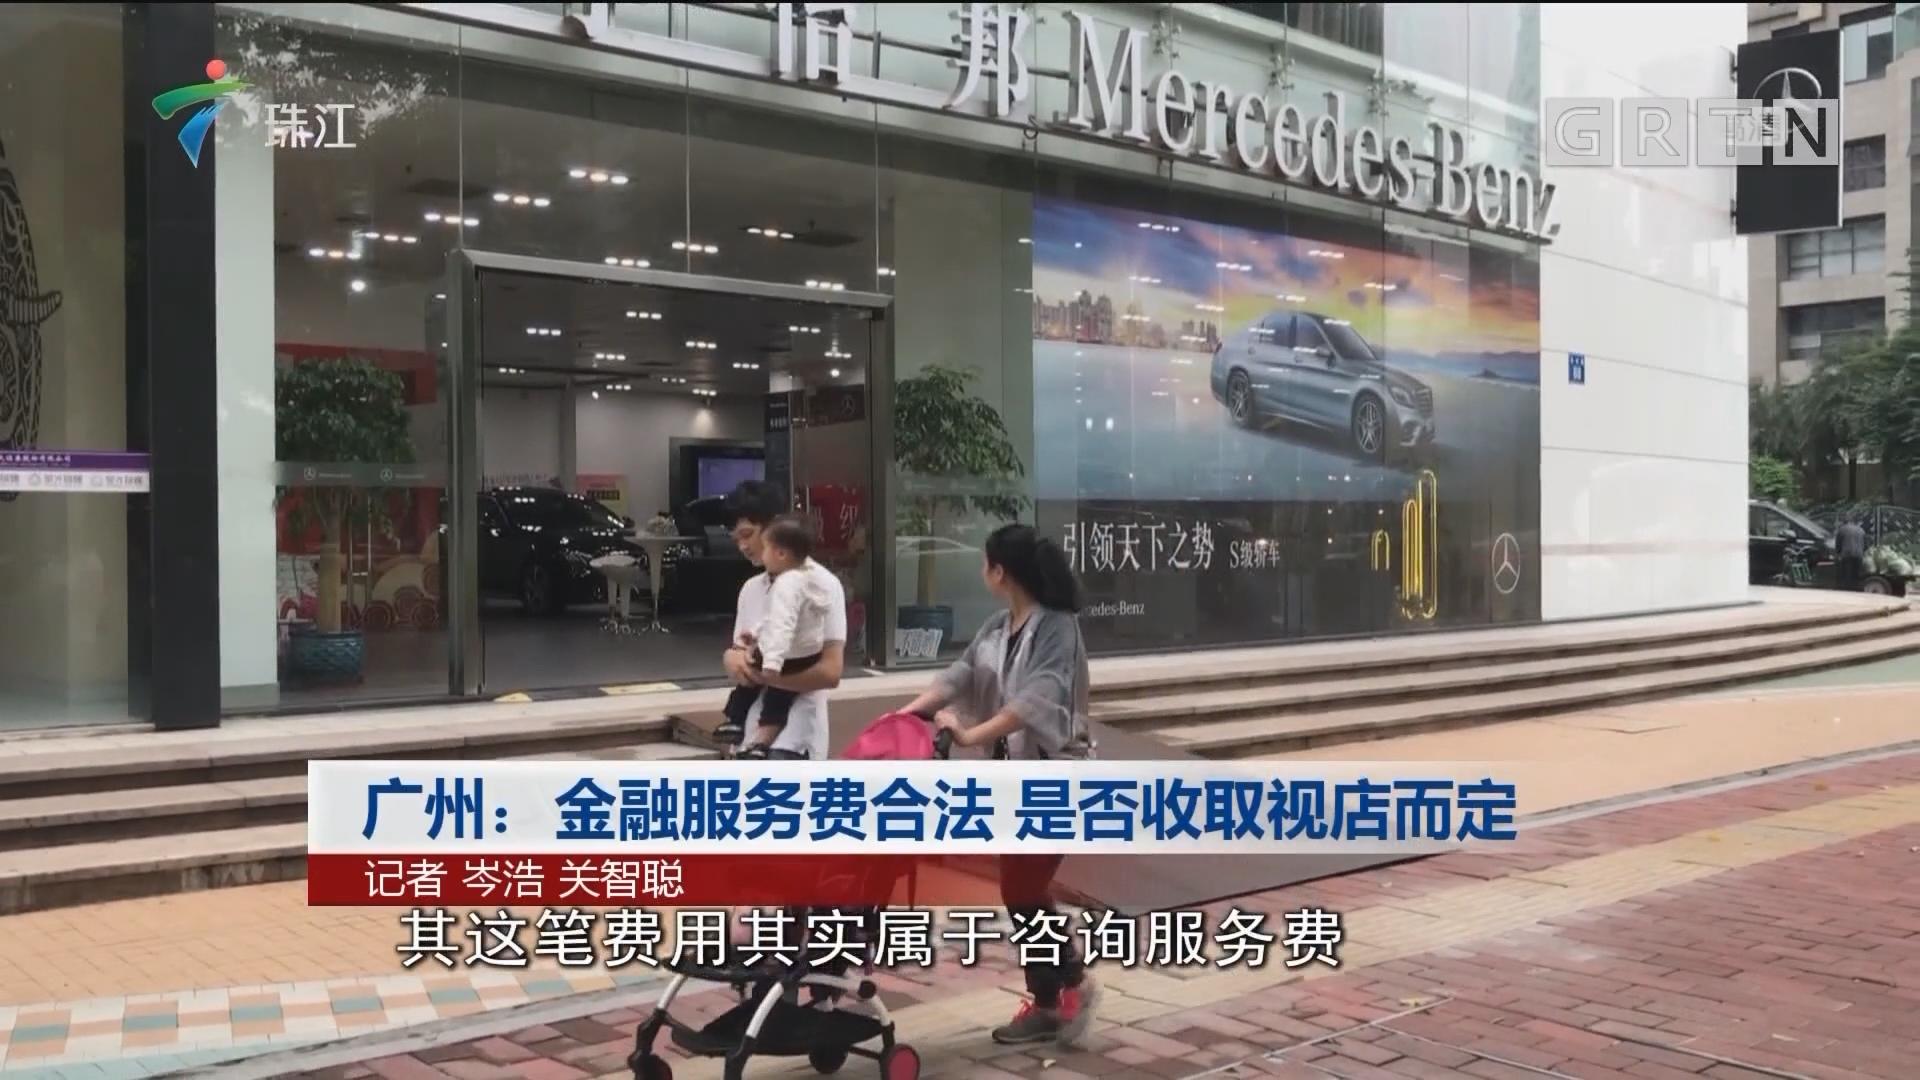 广州:金融服务费合法 是否收取视店而定